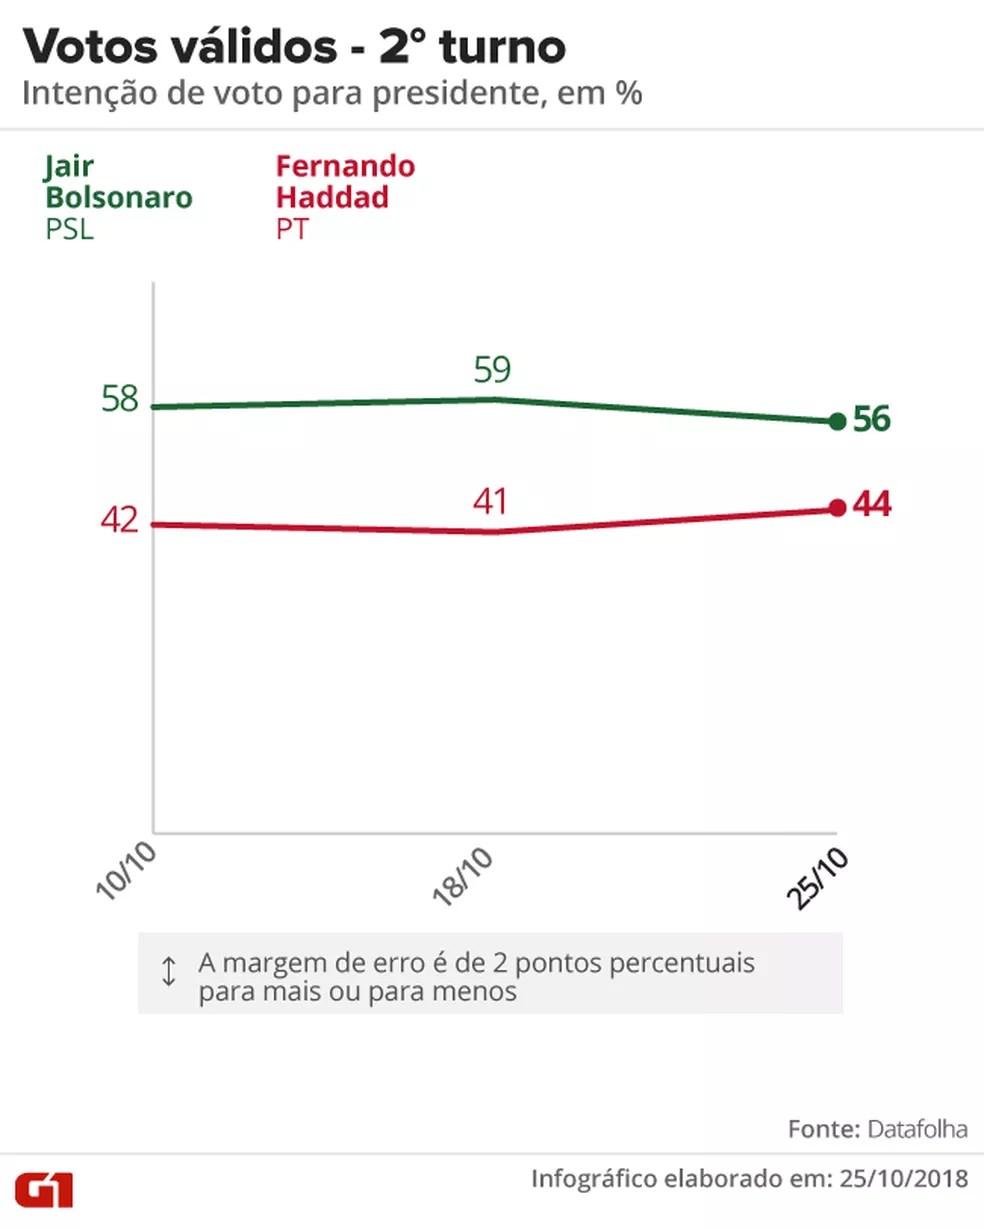 datafolha-2510-votos-validos Datafolha para presidente, votos válidos: Bolsonaro, 56%; Haddad, 44%